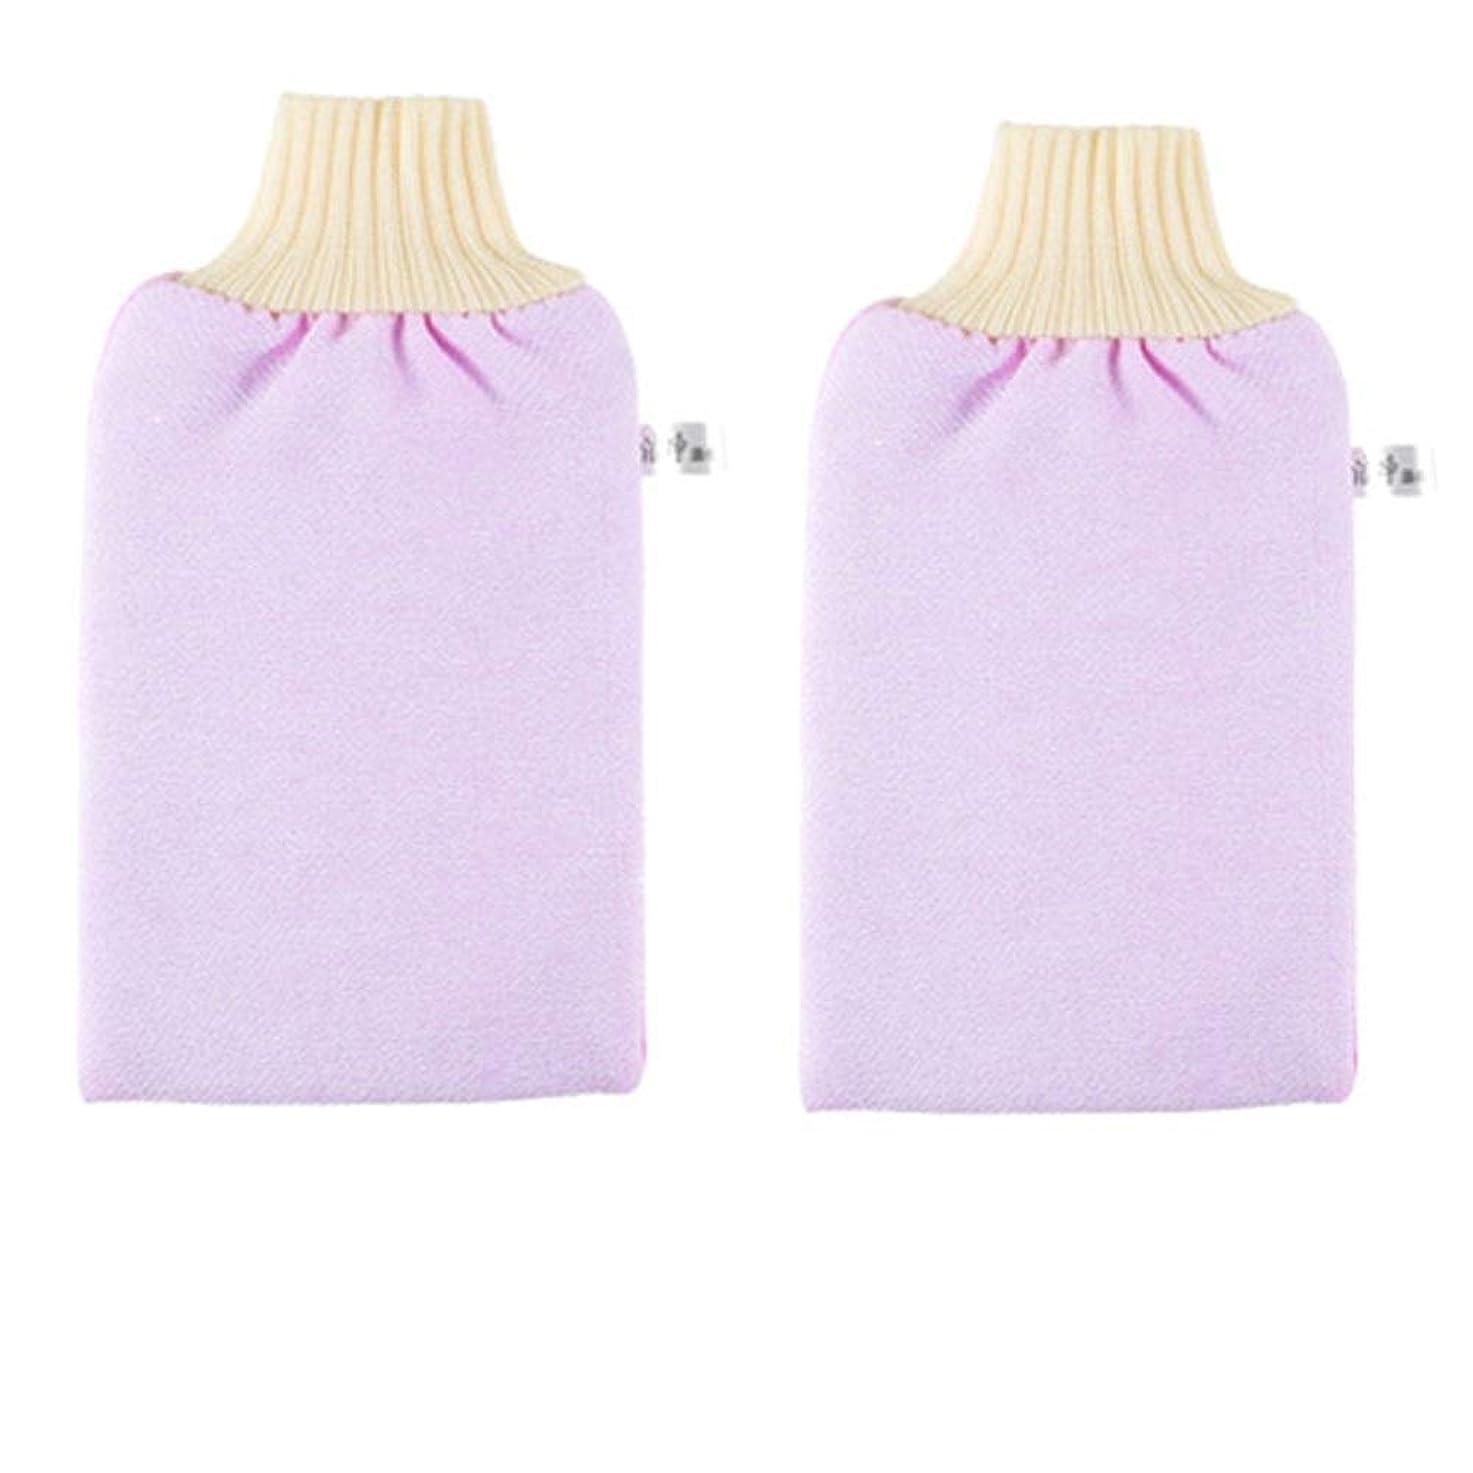 貢献するラオス人泥棒BTXXYJP お風呂用手袋 シャワー手袋 あかすり ボディブラシ やわらか ボディタオル 角質除去 (Color : Pink-2 packs)